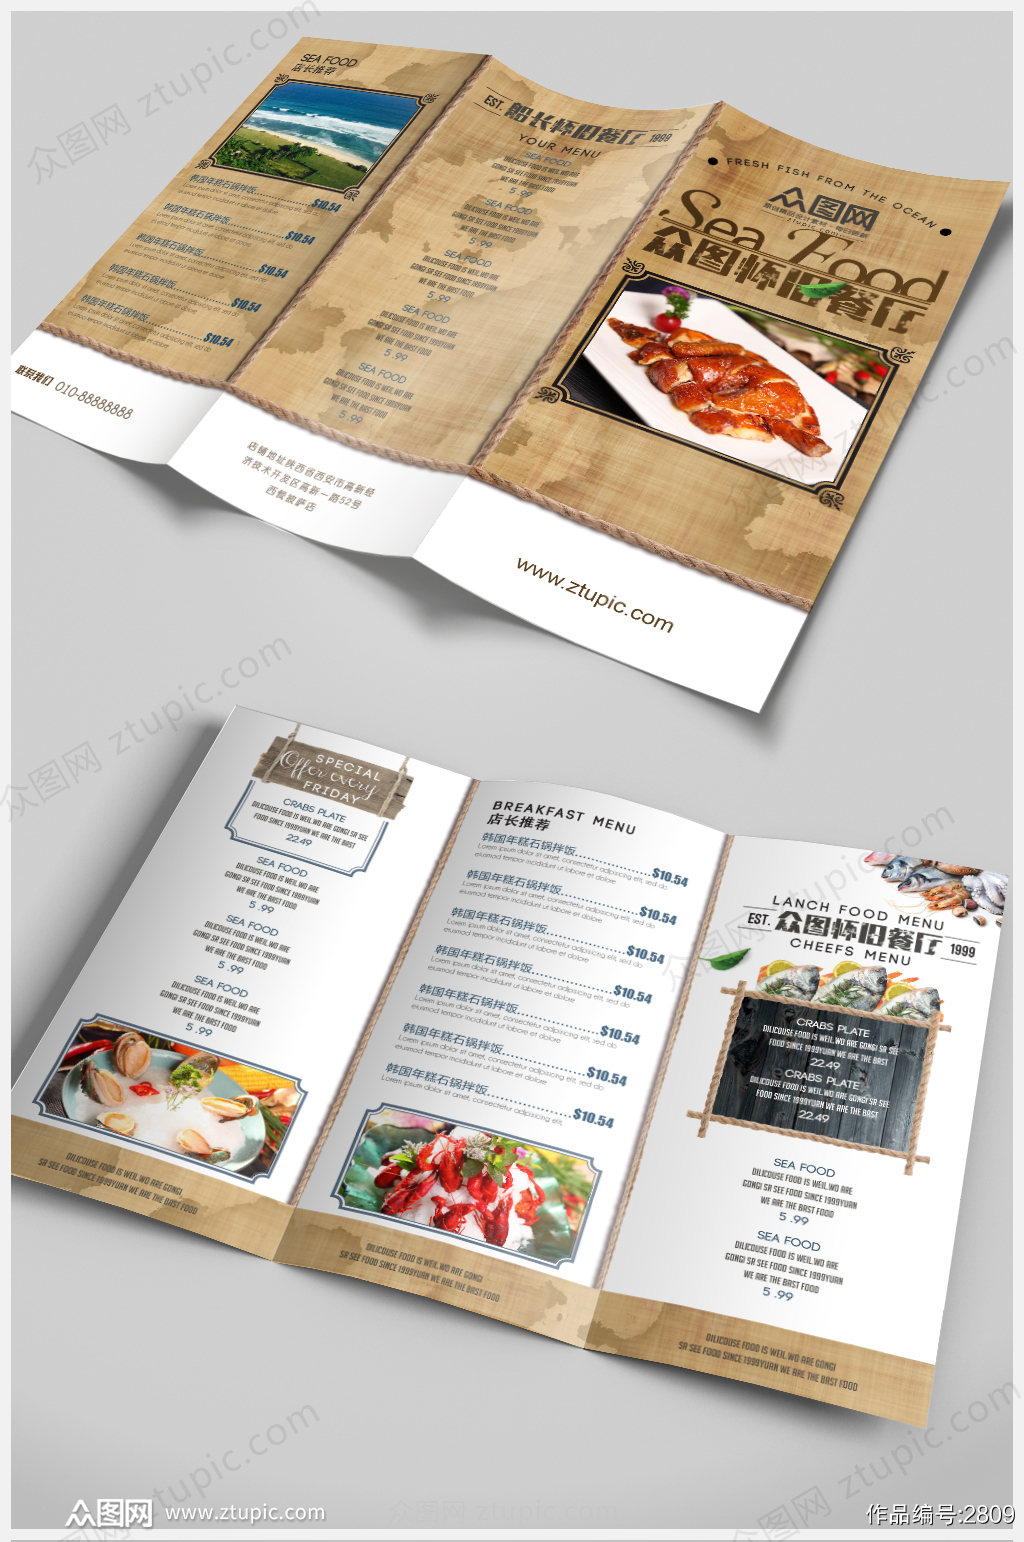 牛皮纸美食菜品菜单宣传三折页菜谱内页素材